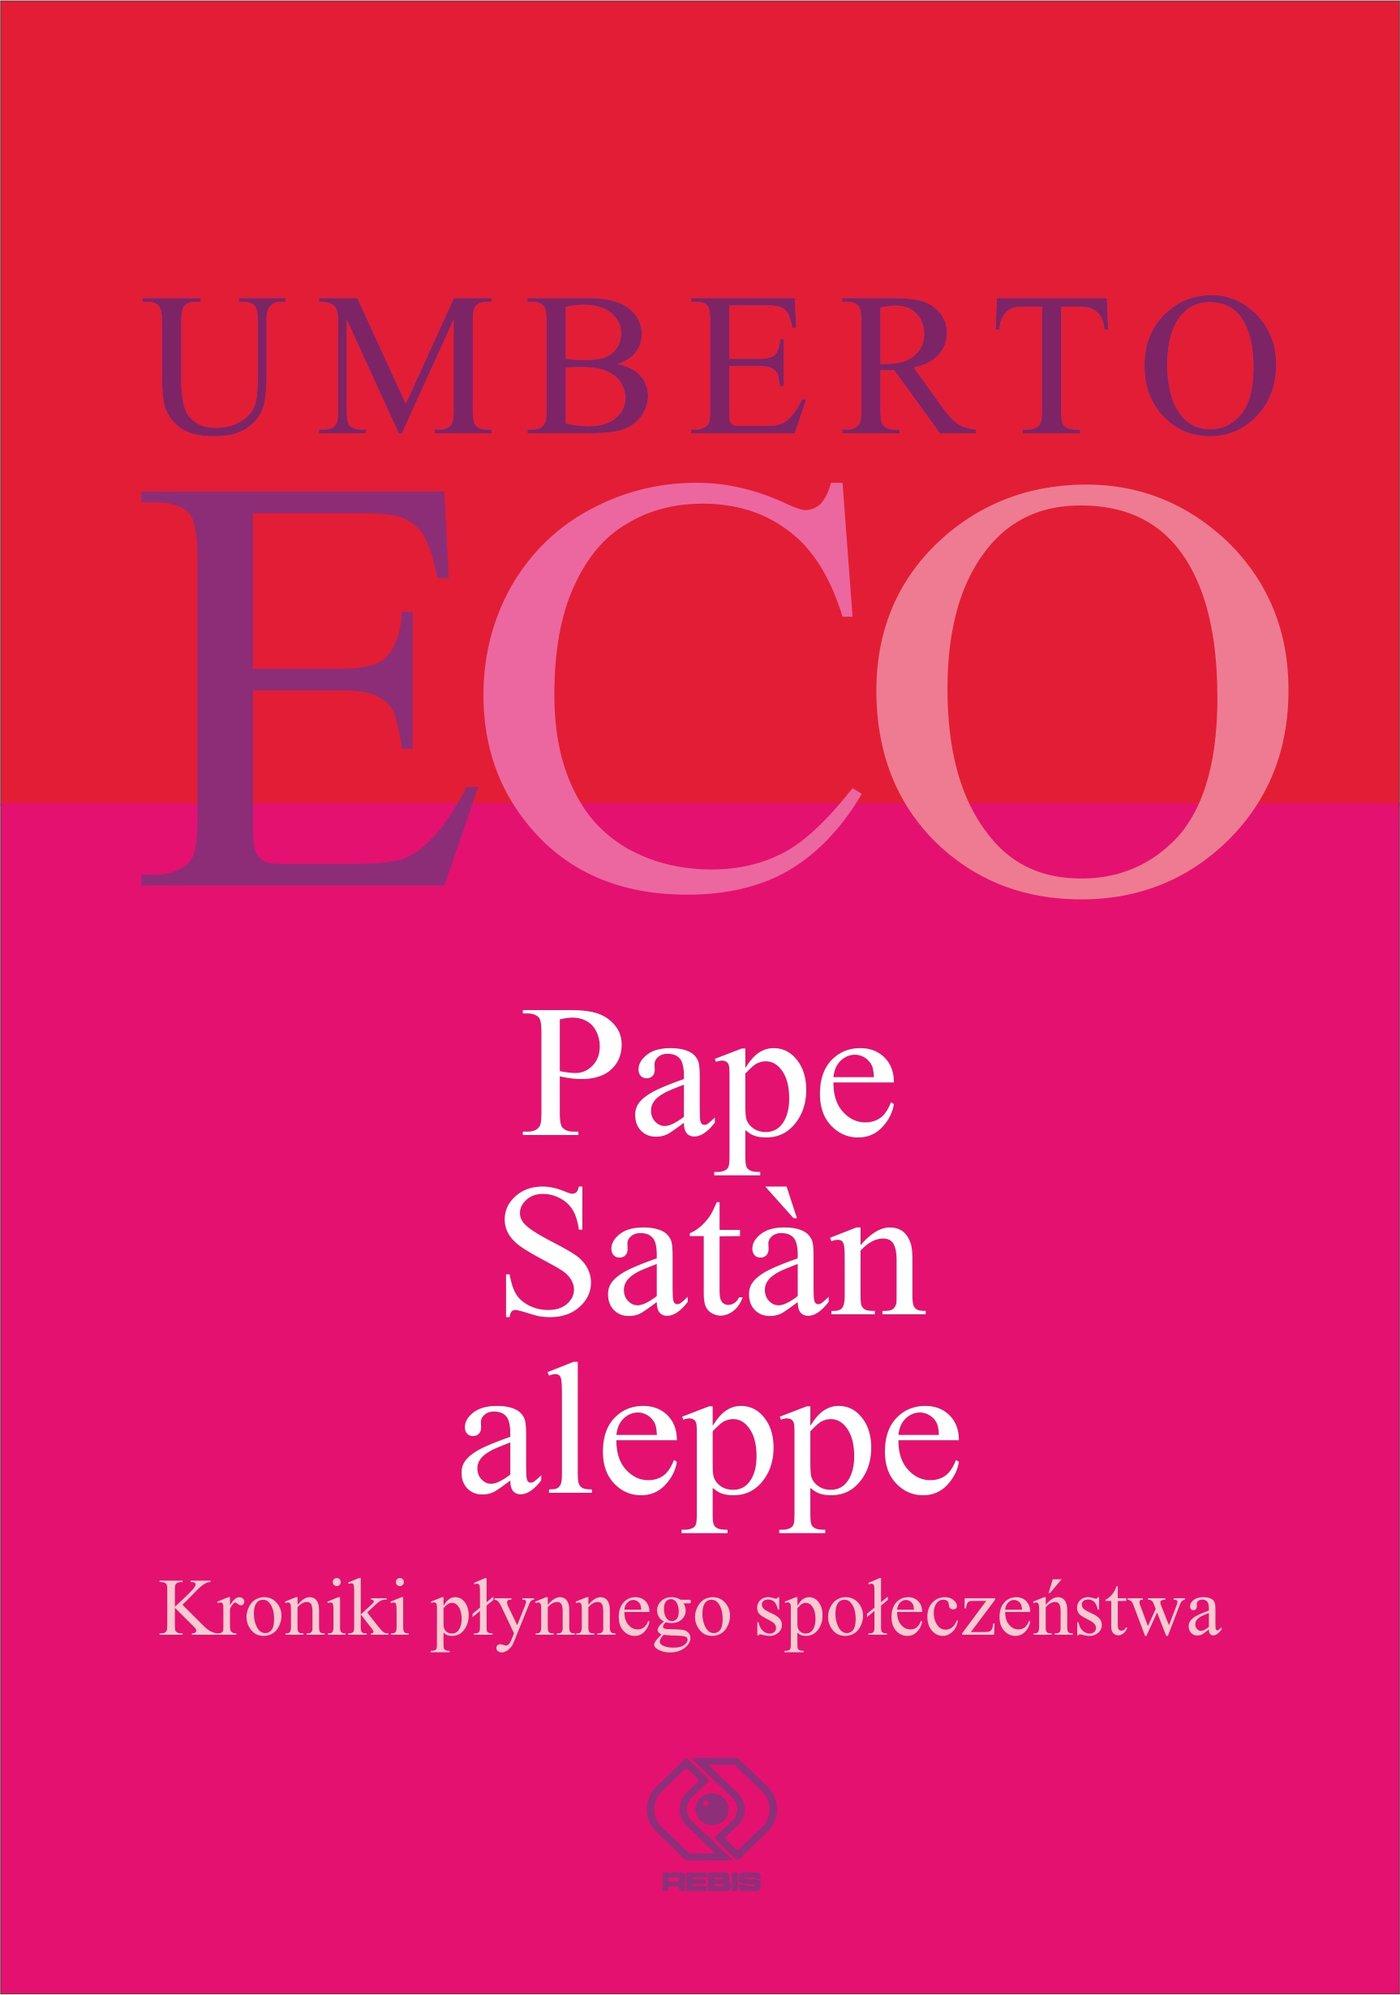 Pape Satan aleppe - Ebook (Książka EPUB) do pobrania w formacie EPUB